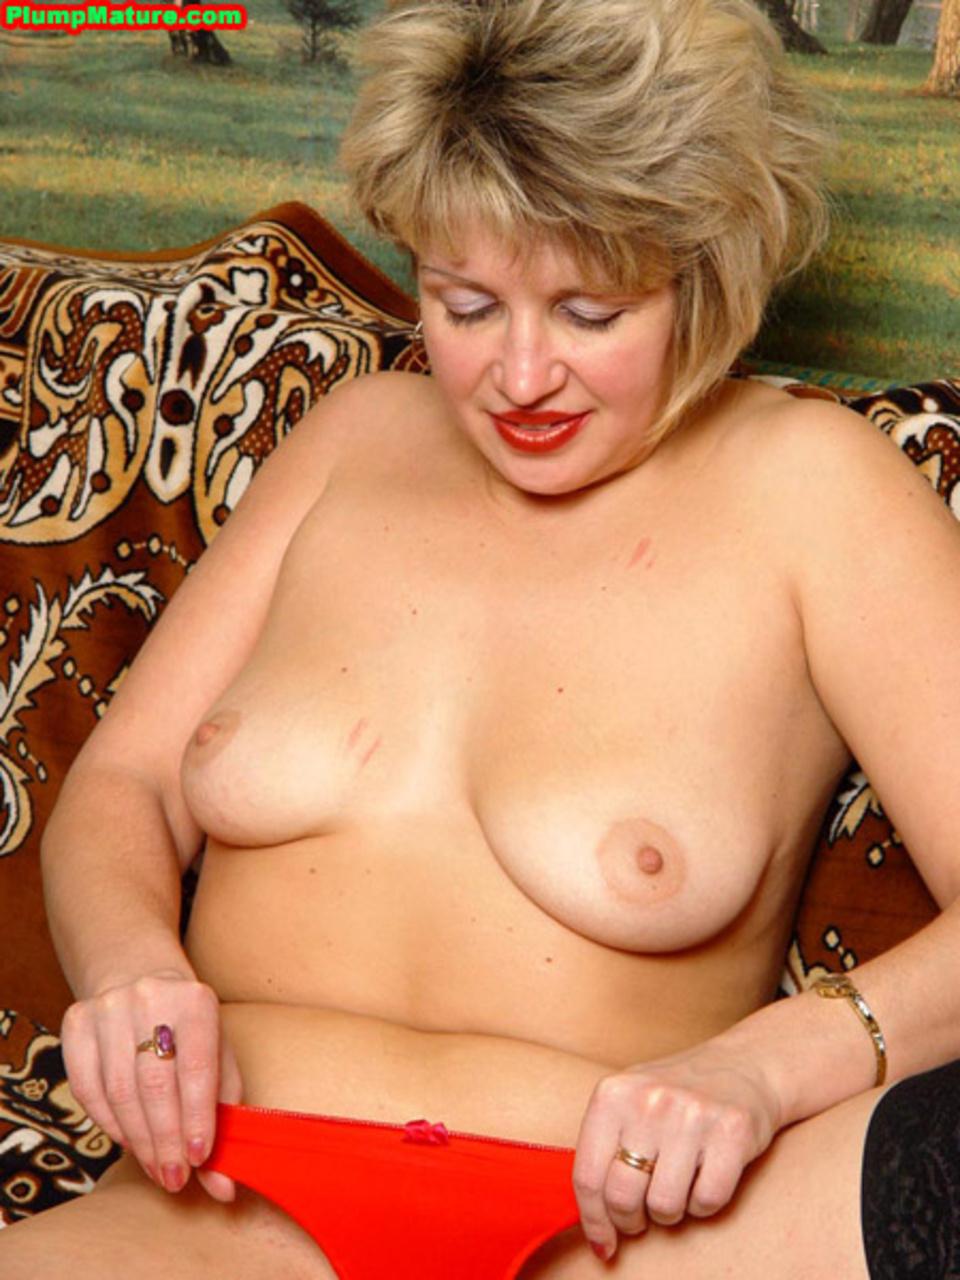 Порно с толстой orgia69 com его руки